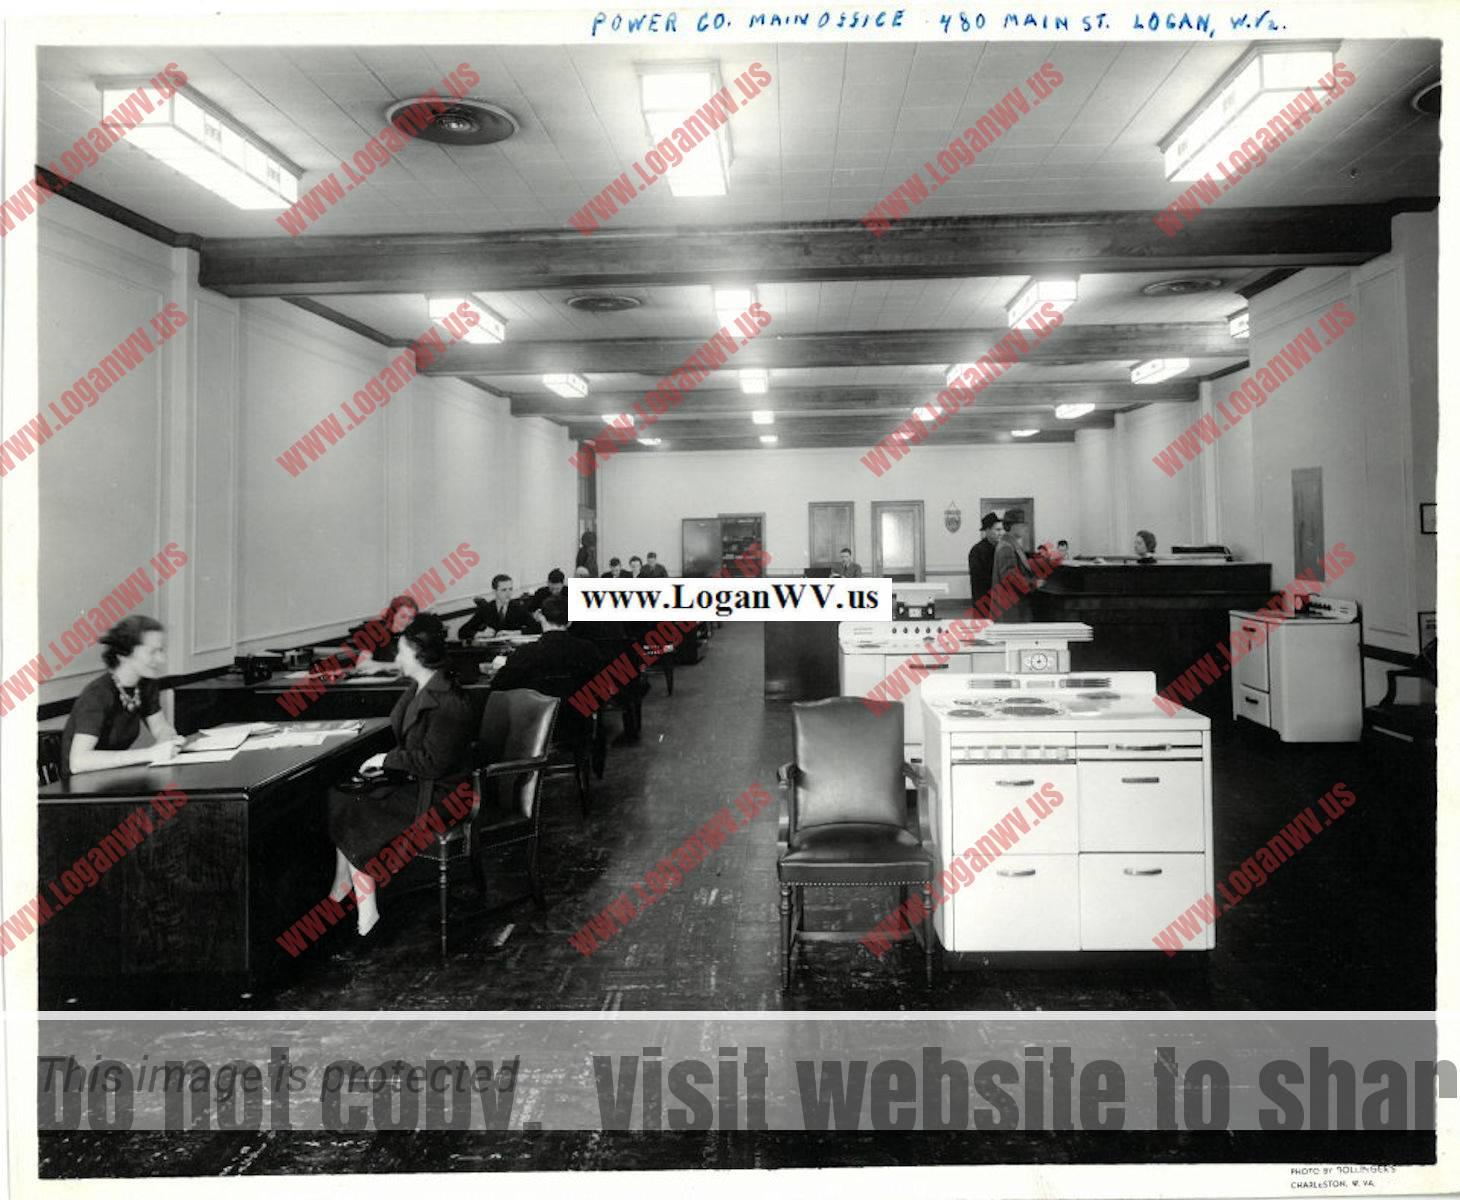 Power Company Main Office, Logan, WV